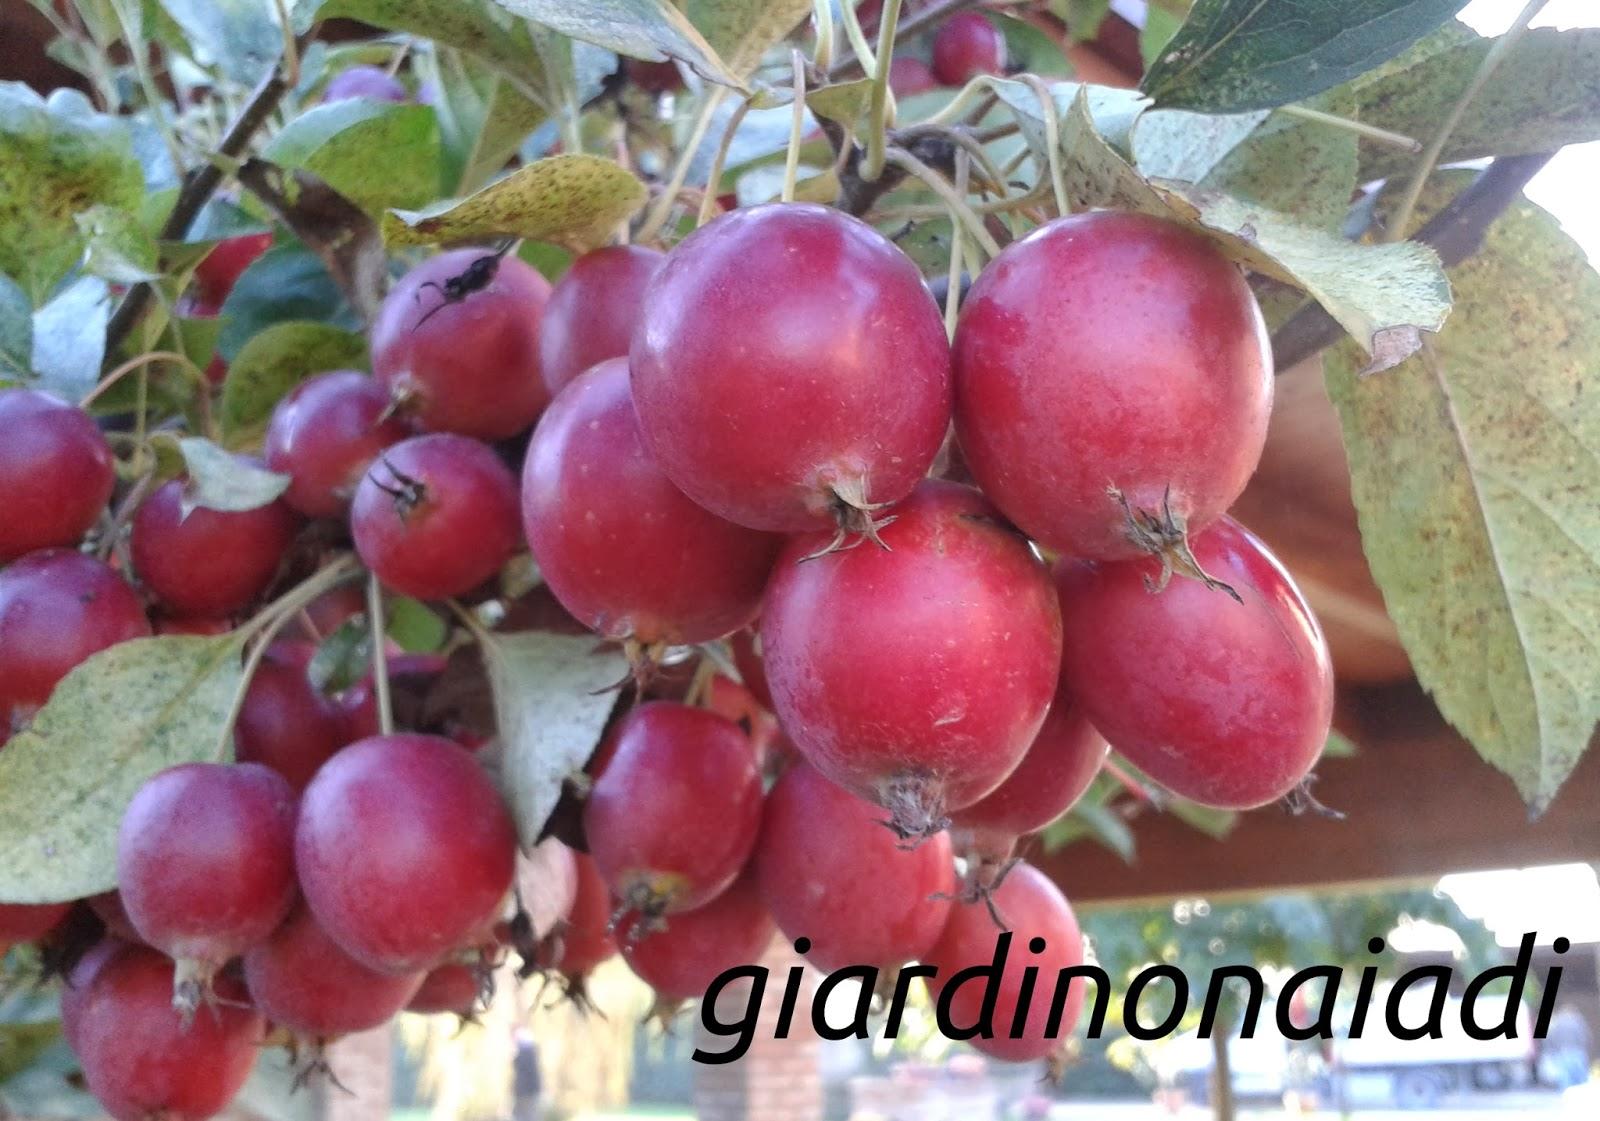 Alberelli Ornamentali Da Giardino il giardino delle naiadi: melo da fiore, un'attrattiva per